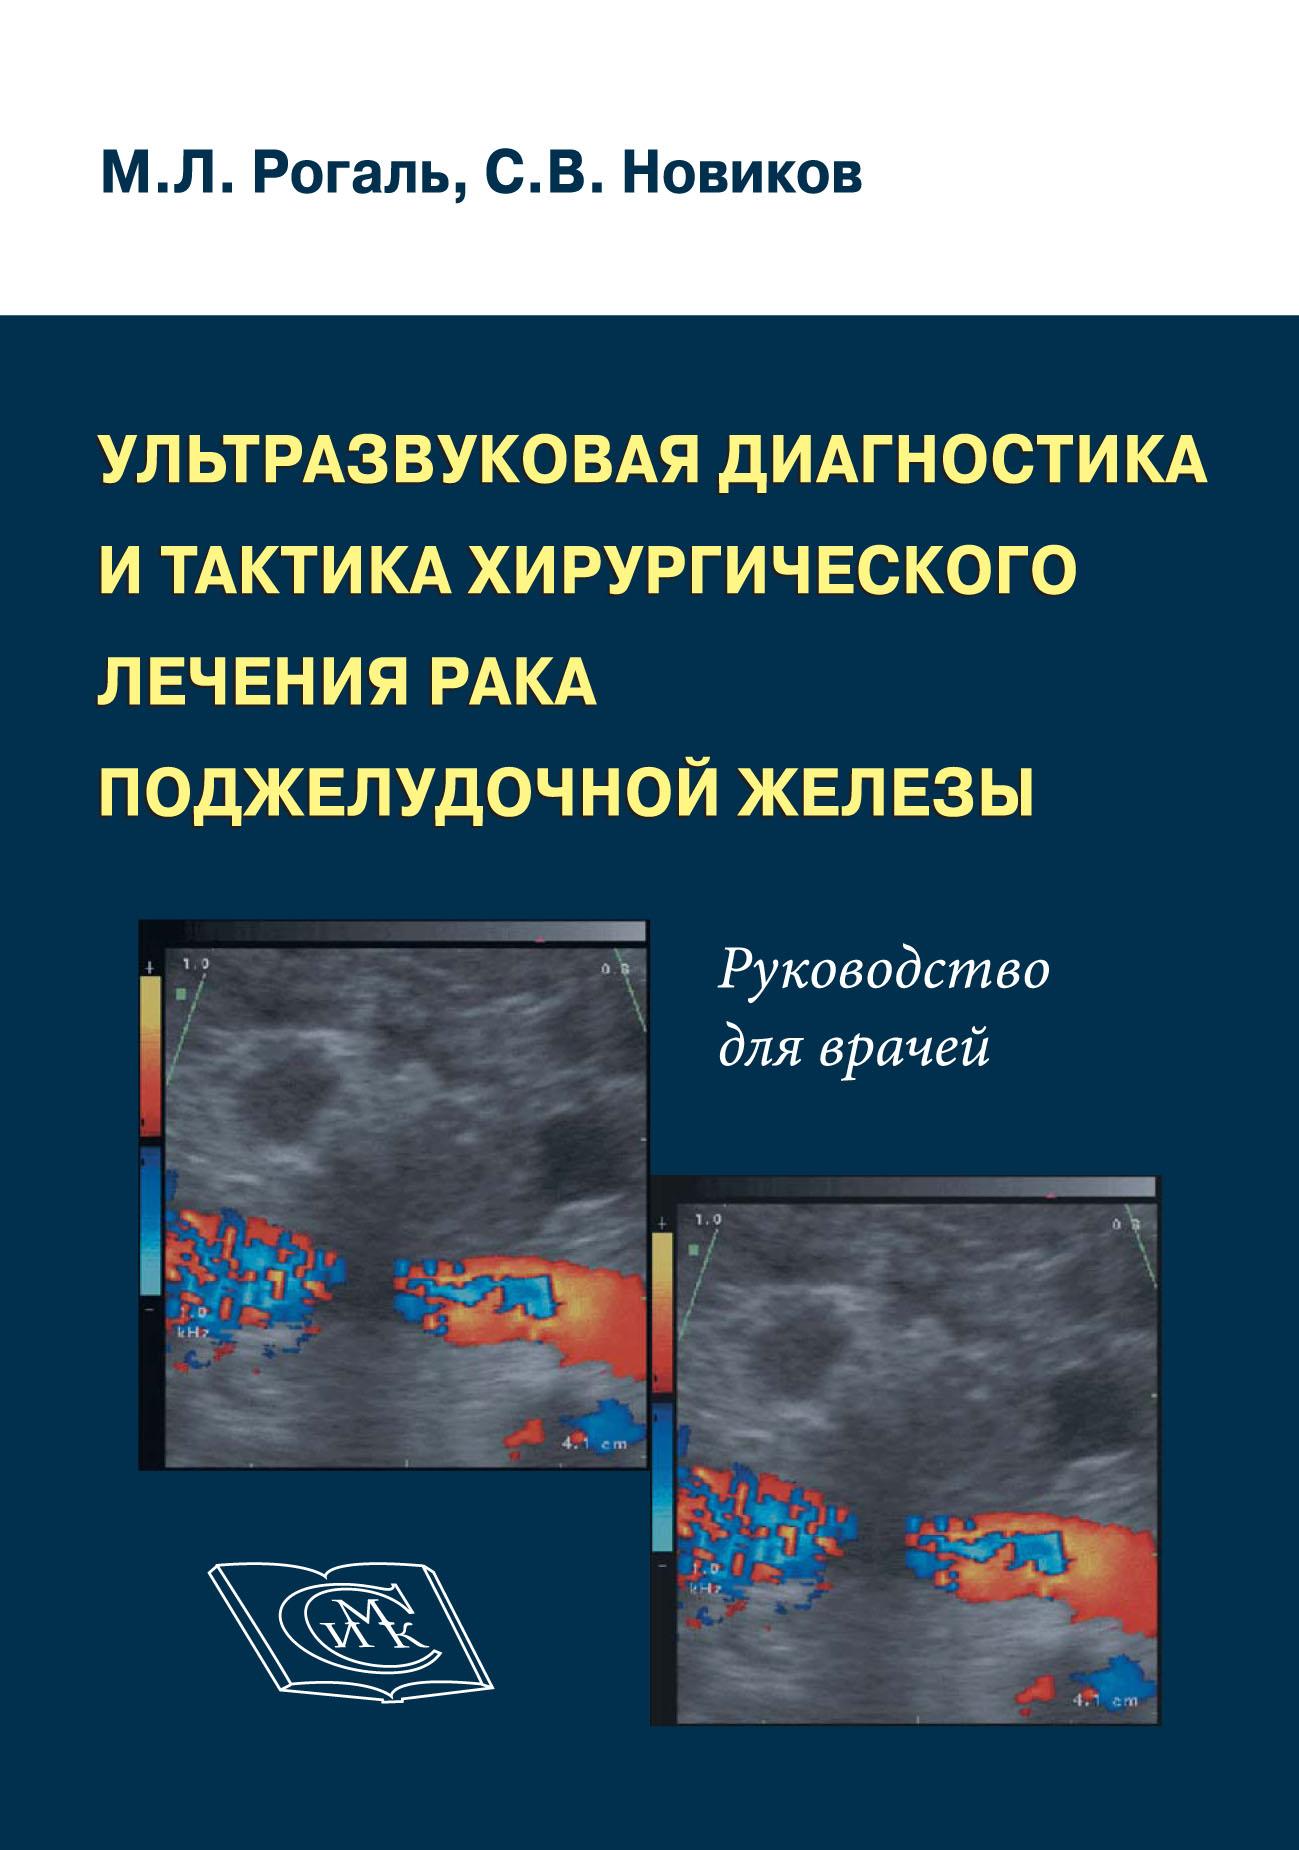 М. Л. Рогаль Ультразвуковая диагностика и тактика хирургического лечения рака поджелудочной железы. Руководство для врачей цена и фото